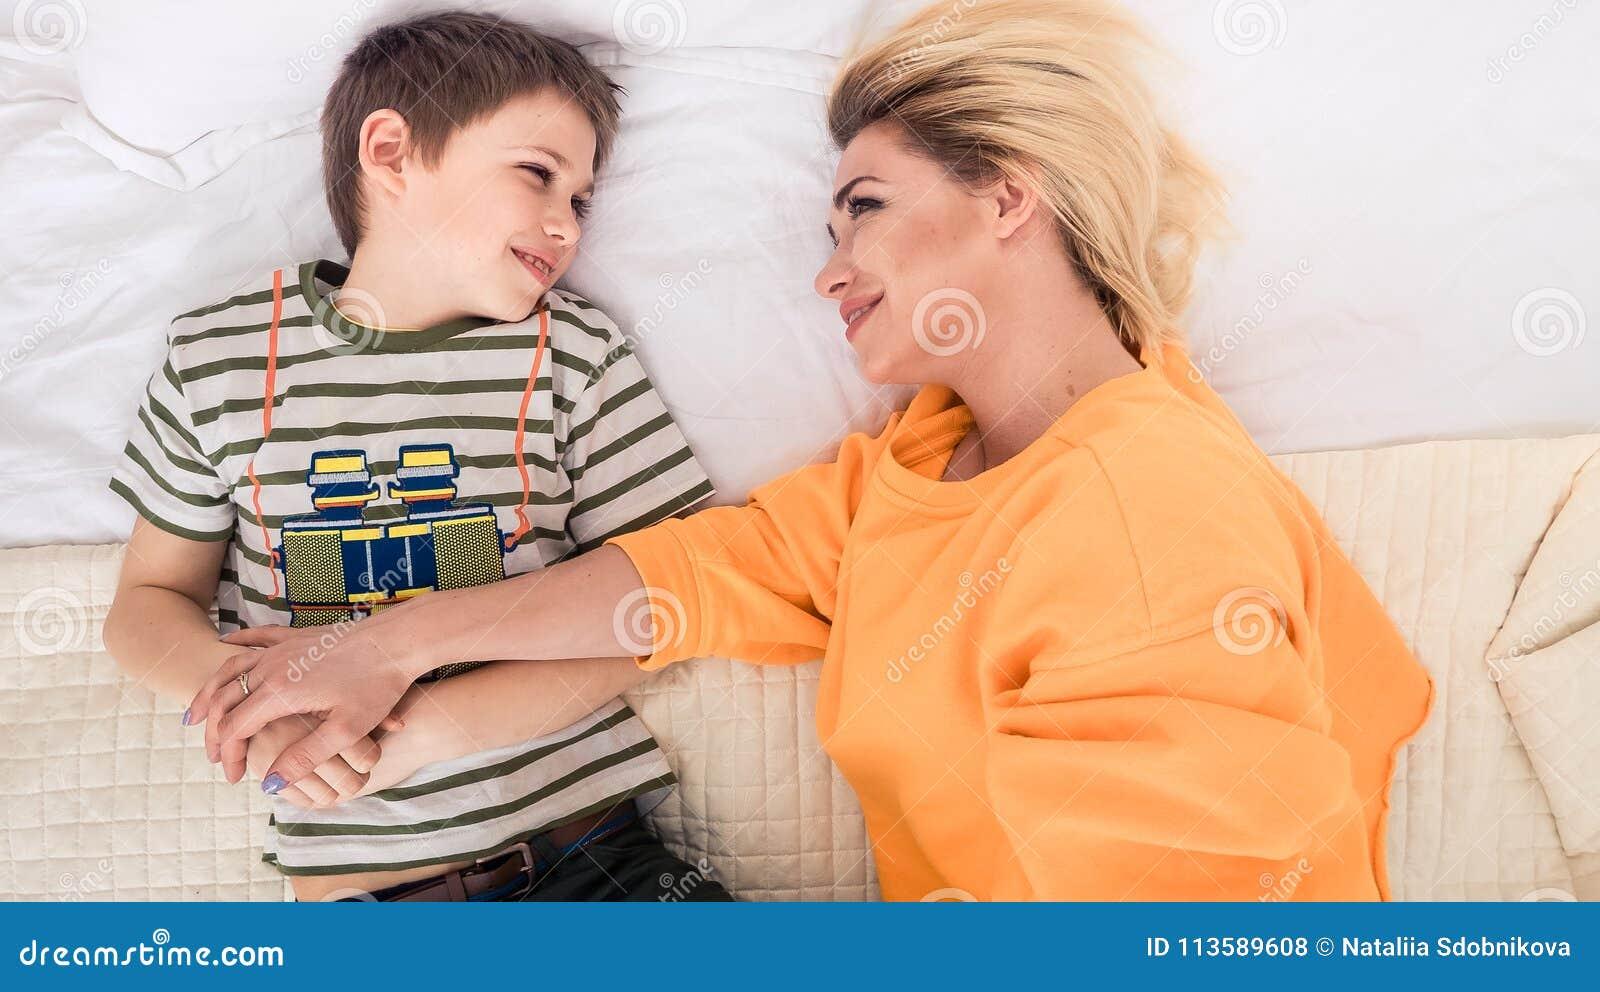 Секс сын мама папа нет дома, Сынок трахает маму пока папы нету дома смотреть 22 фотография